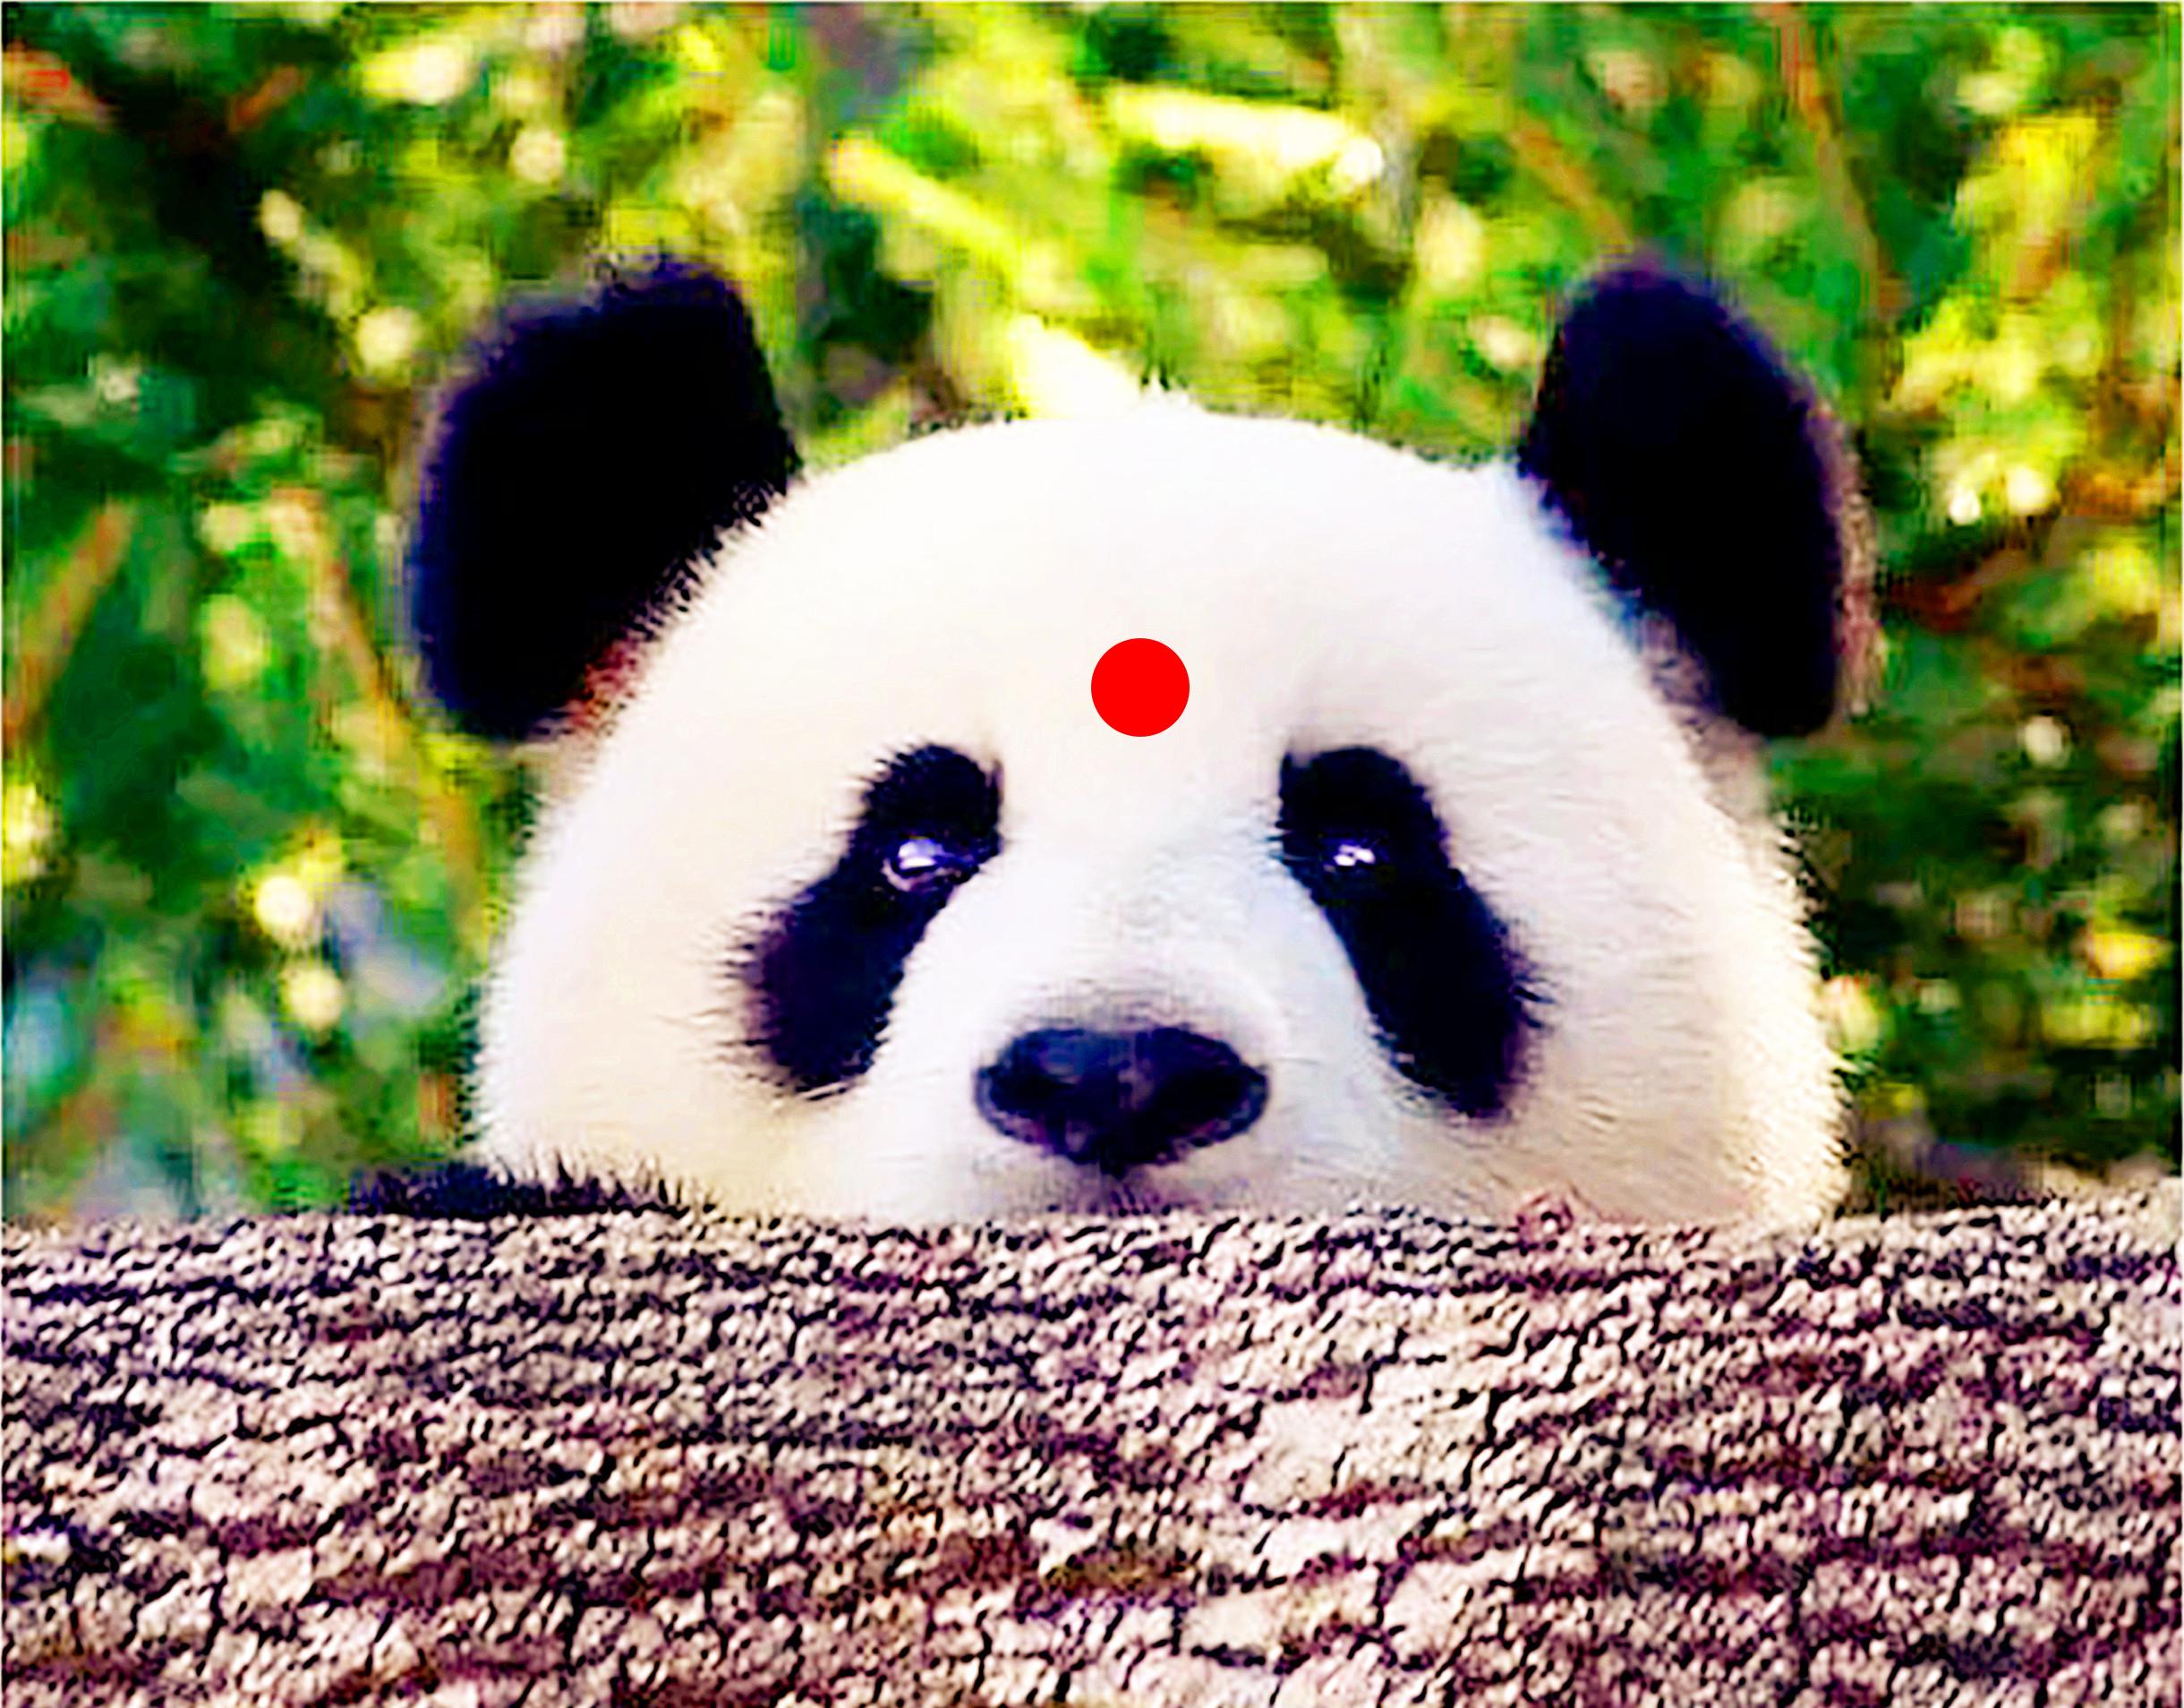 成都大熊貓繁育研究基地+都江堰景區一日遊(8點小團+全景行程+知名川劇+當地特色餐)